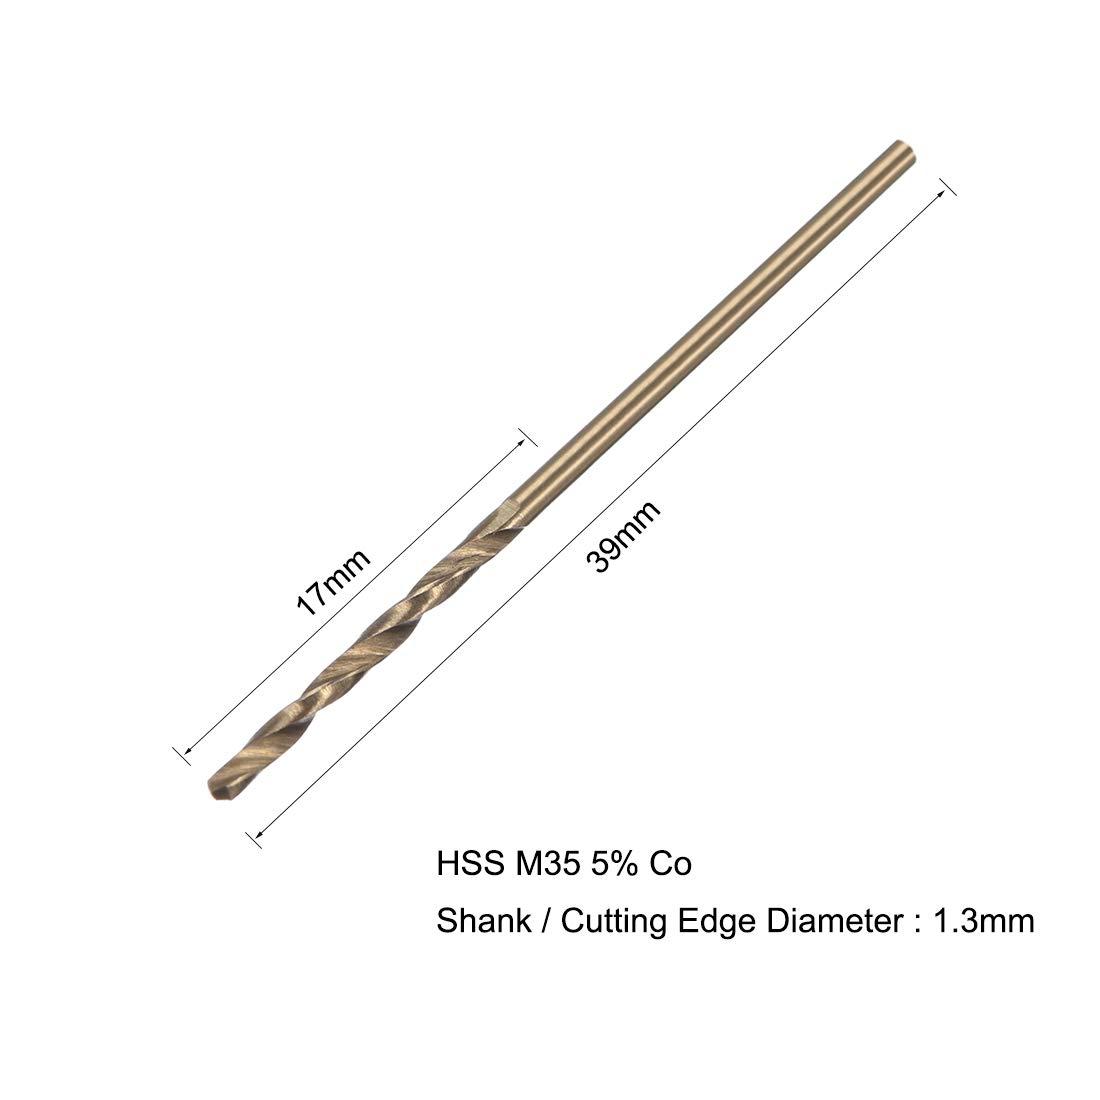 uxcell 2.5mm Dia Split Point HSS Cobalt Metric Twist Drill Bit Drilling Tool 10pcs